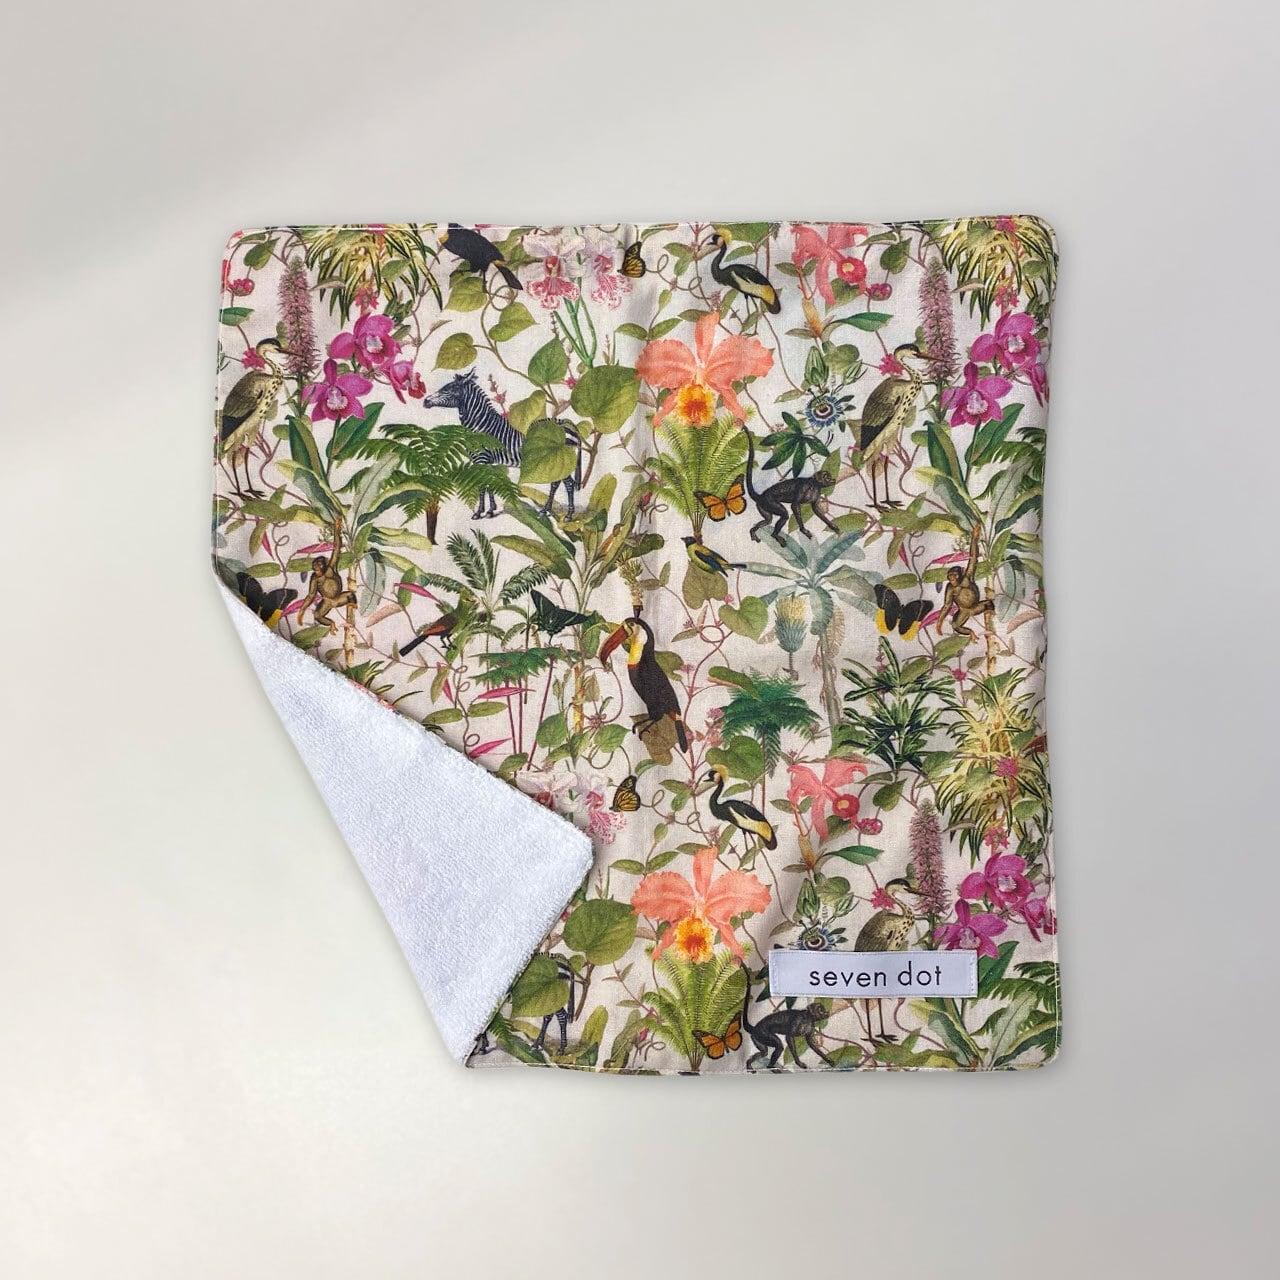 デザインハンカチ - BIRD & FLOWER タオルハンカチ